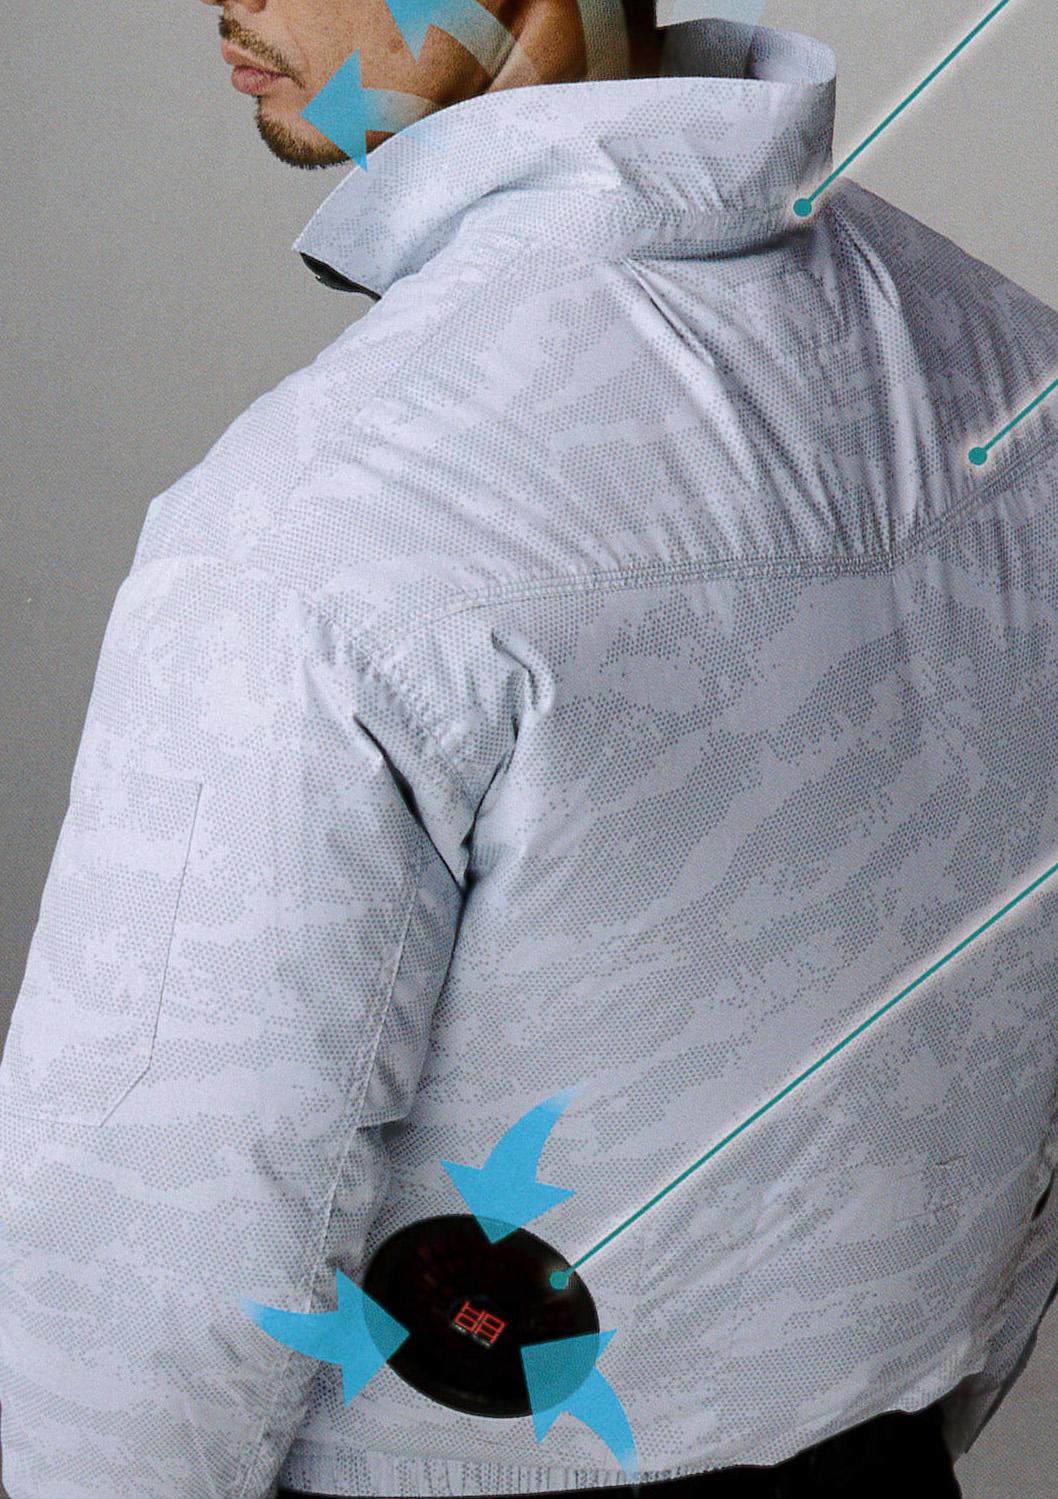 HOOH(鳳皇)の裏チタン空調服~快適ウェア~¥4,290(税込)